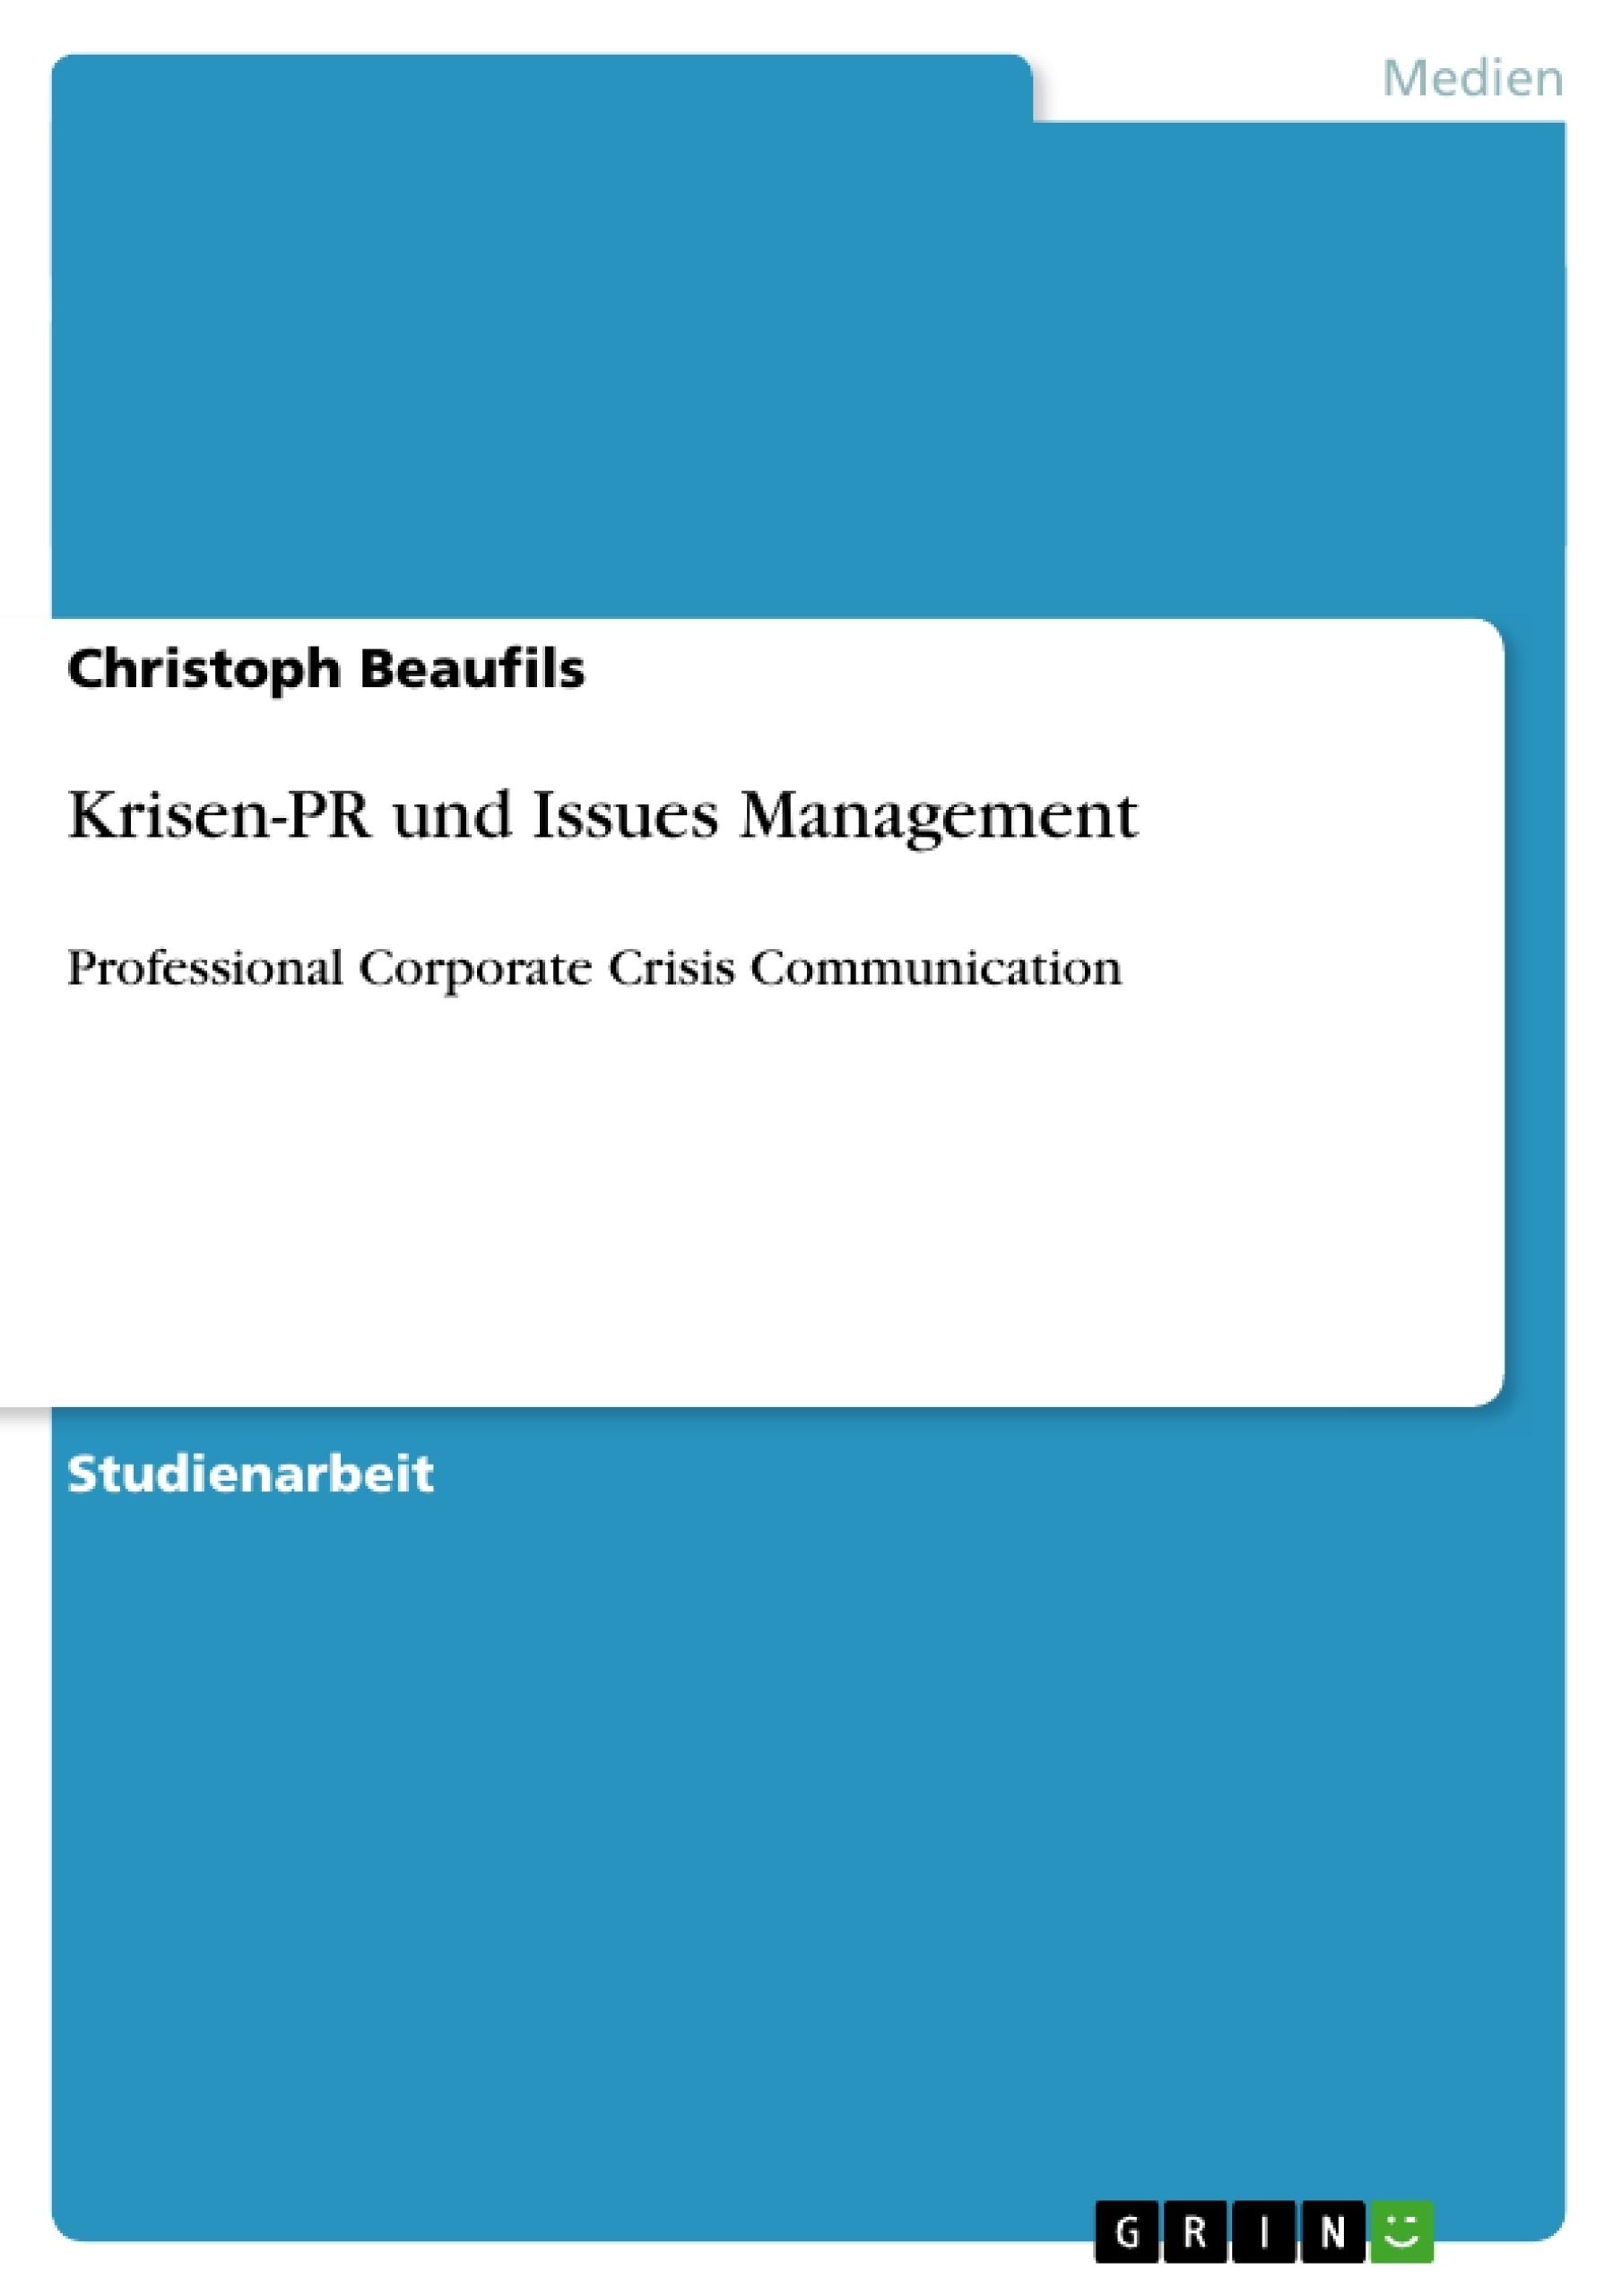 Titel: Krisen-PR und Issues Management